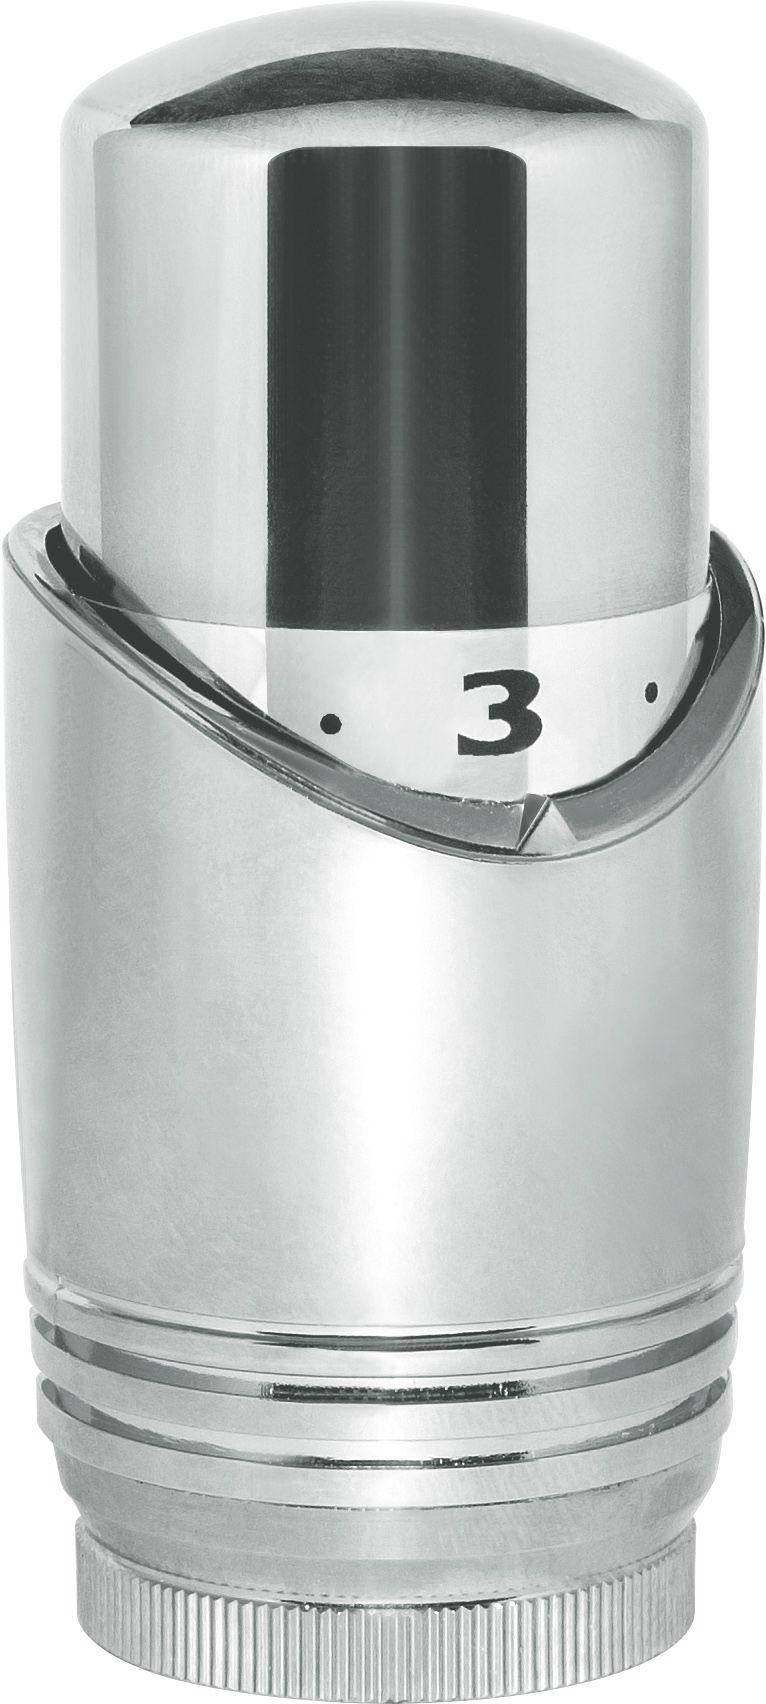 Термостатические головки фото 2